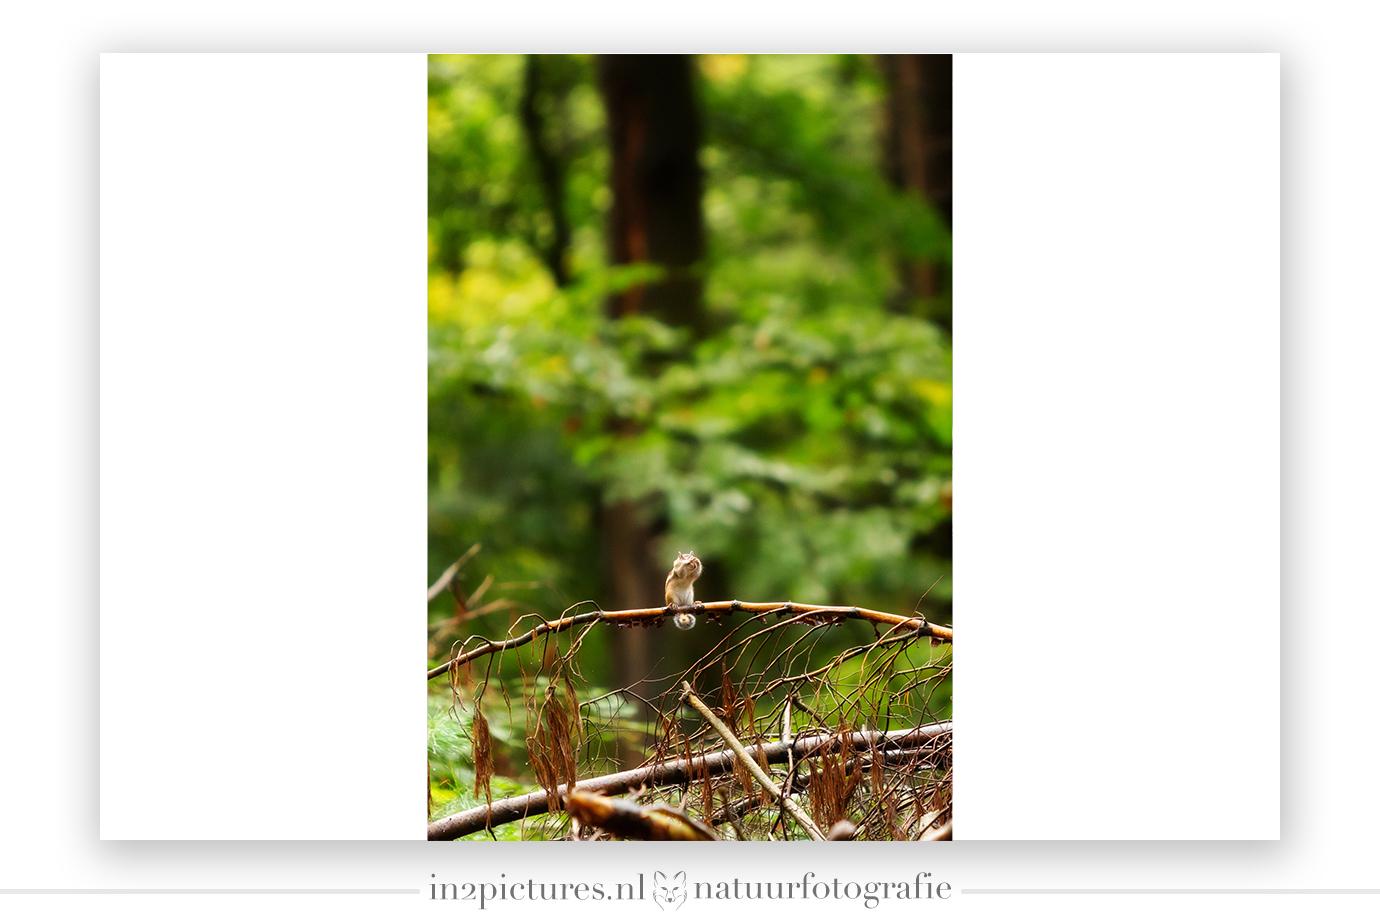 Grondeekhoorntjes